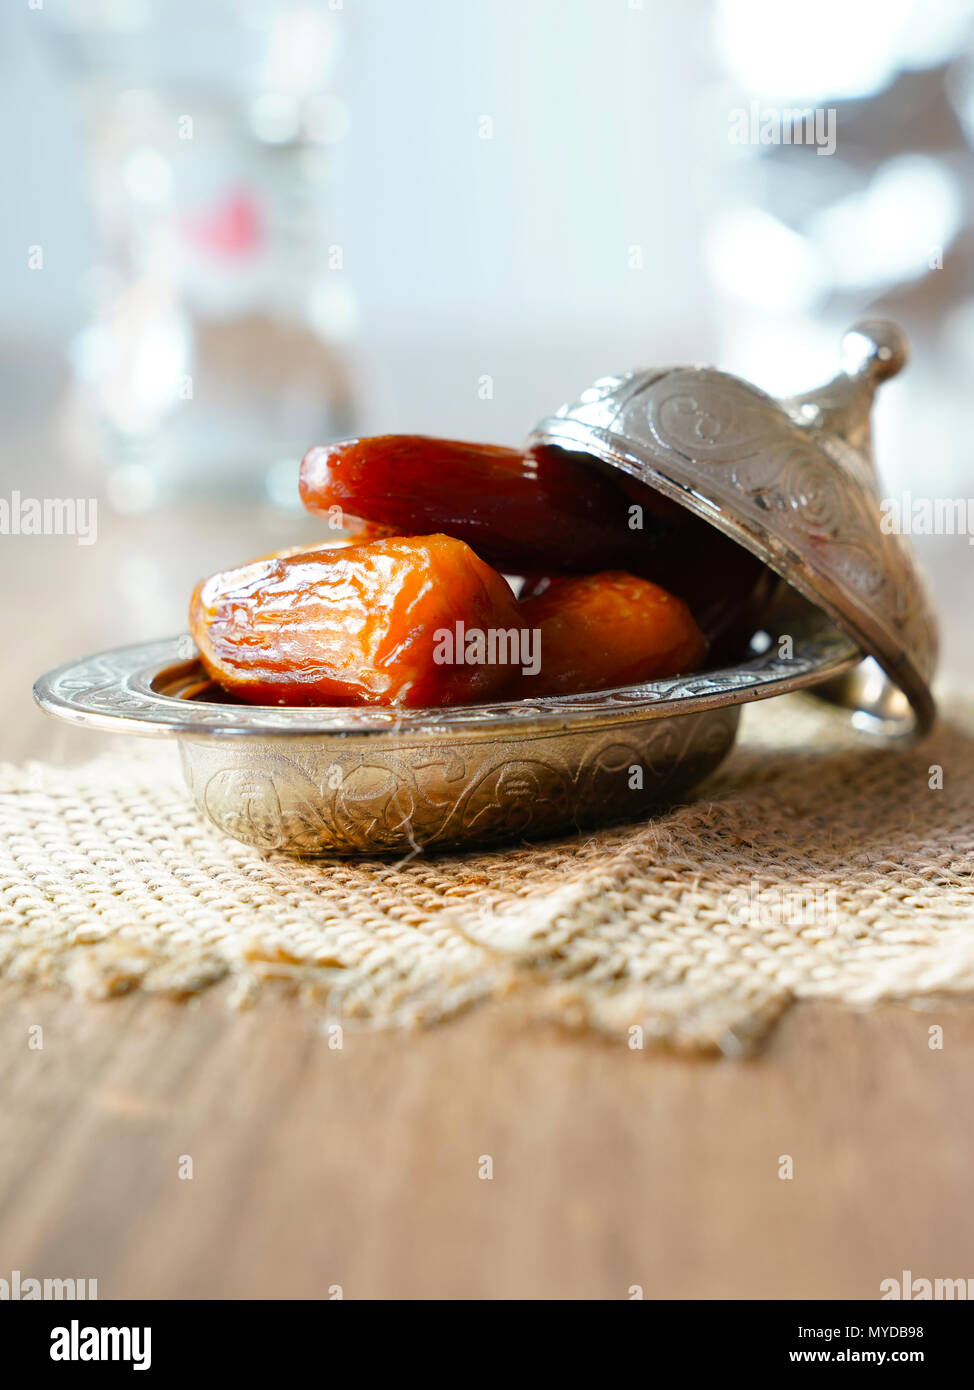 Frisches Obst Termine in einem silbernen metall Schüssel auf einem Stück Sack auf Nussbaum Holz Tisch Stockbild